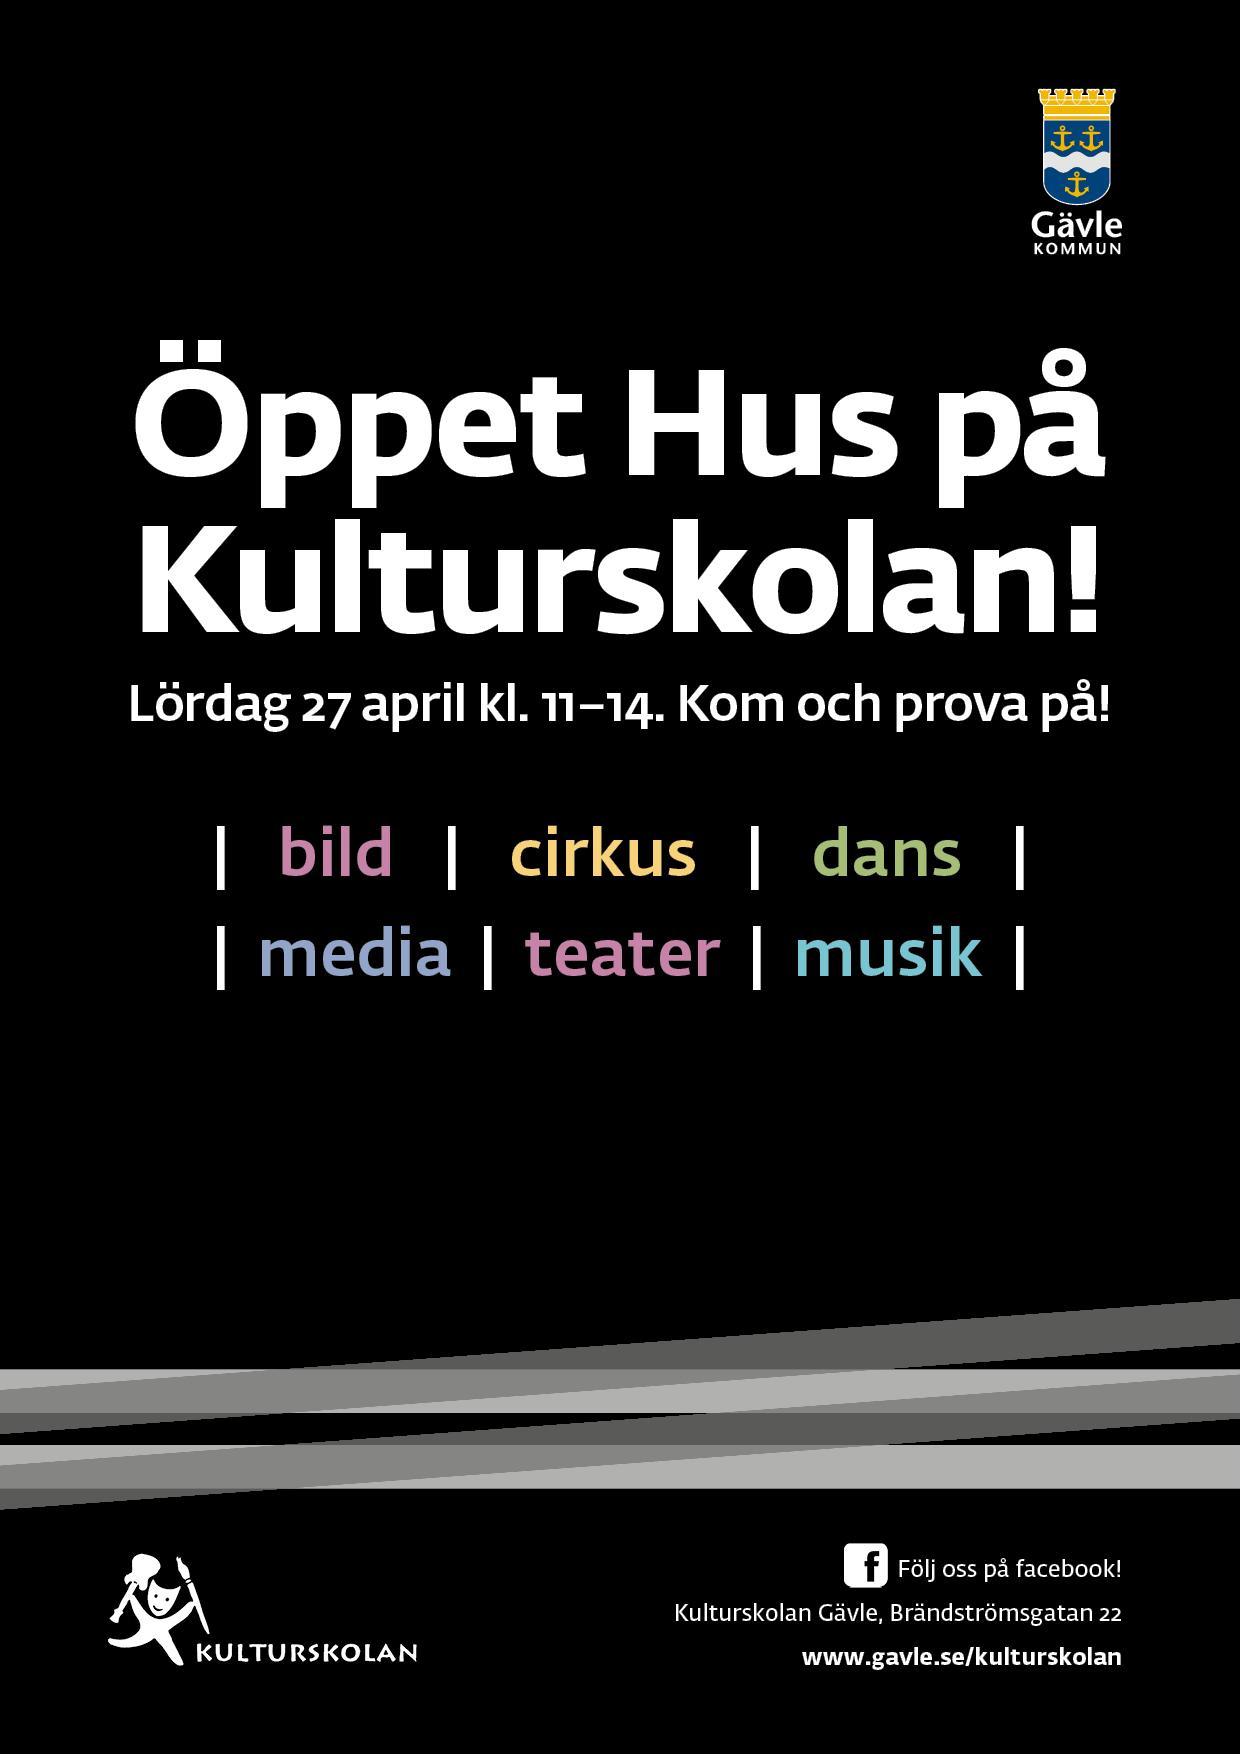 Kulturskolan_Affisch-A4_Öppet-hus-2019_ORIGINAL